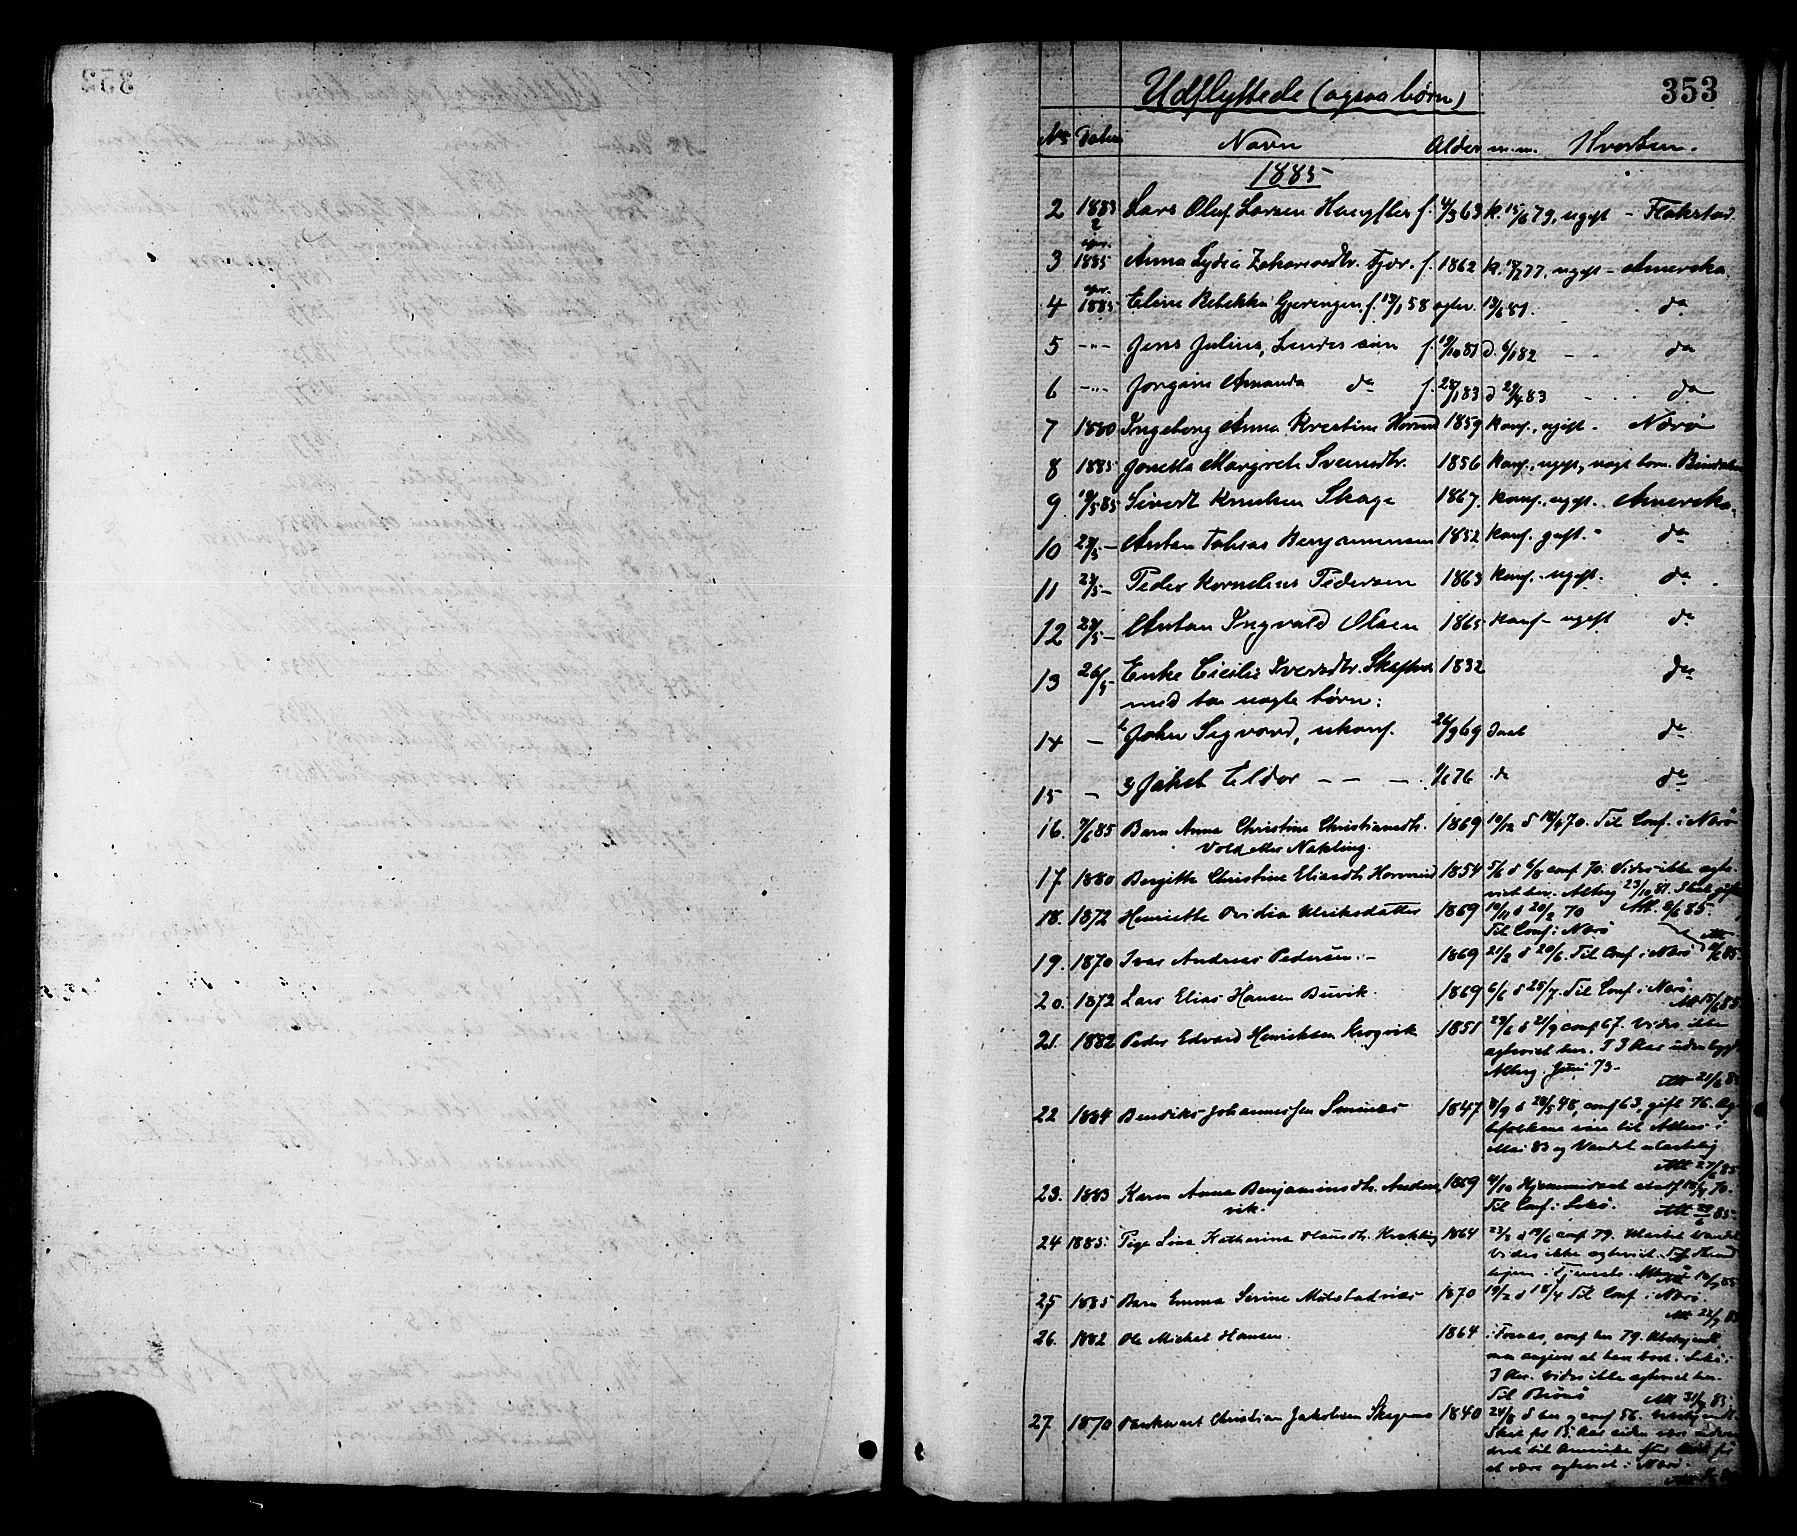 SAT, Ministerialprotokoller, klokkerbøker og fødselsregistre - Nord-Trøndelag, 780/L0642: Ministerialbok nr. 780A07 /1, 1874-1885, s. 353